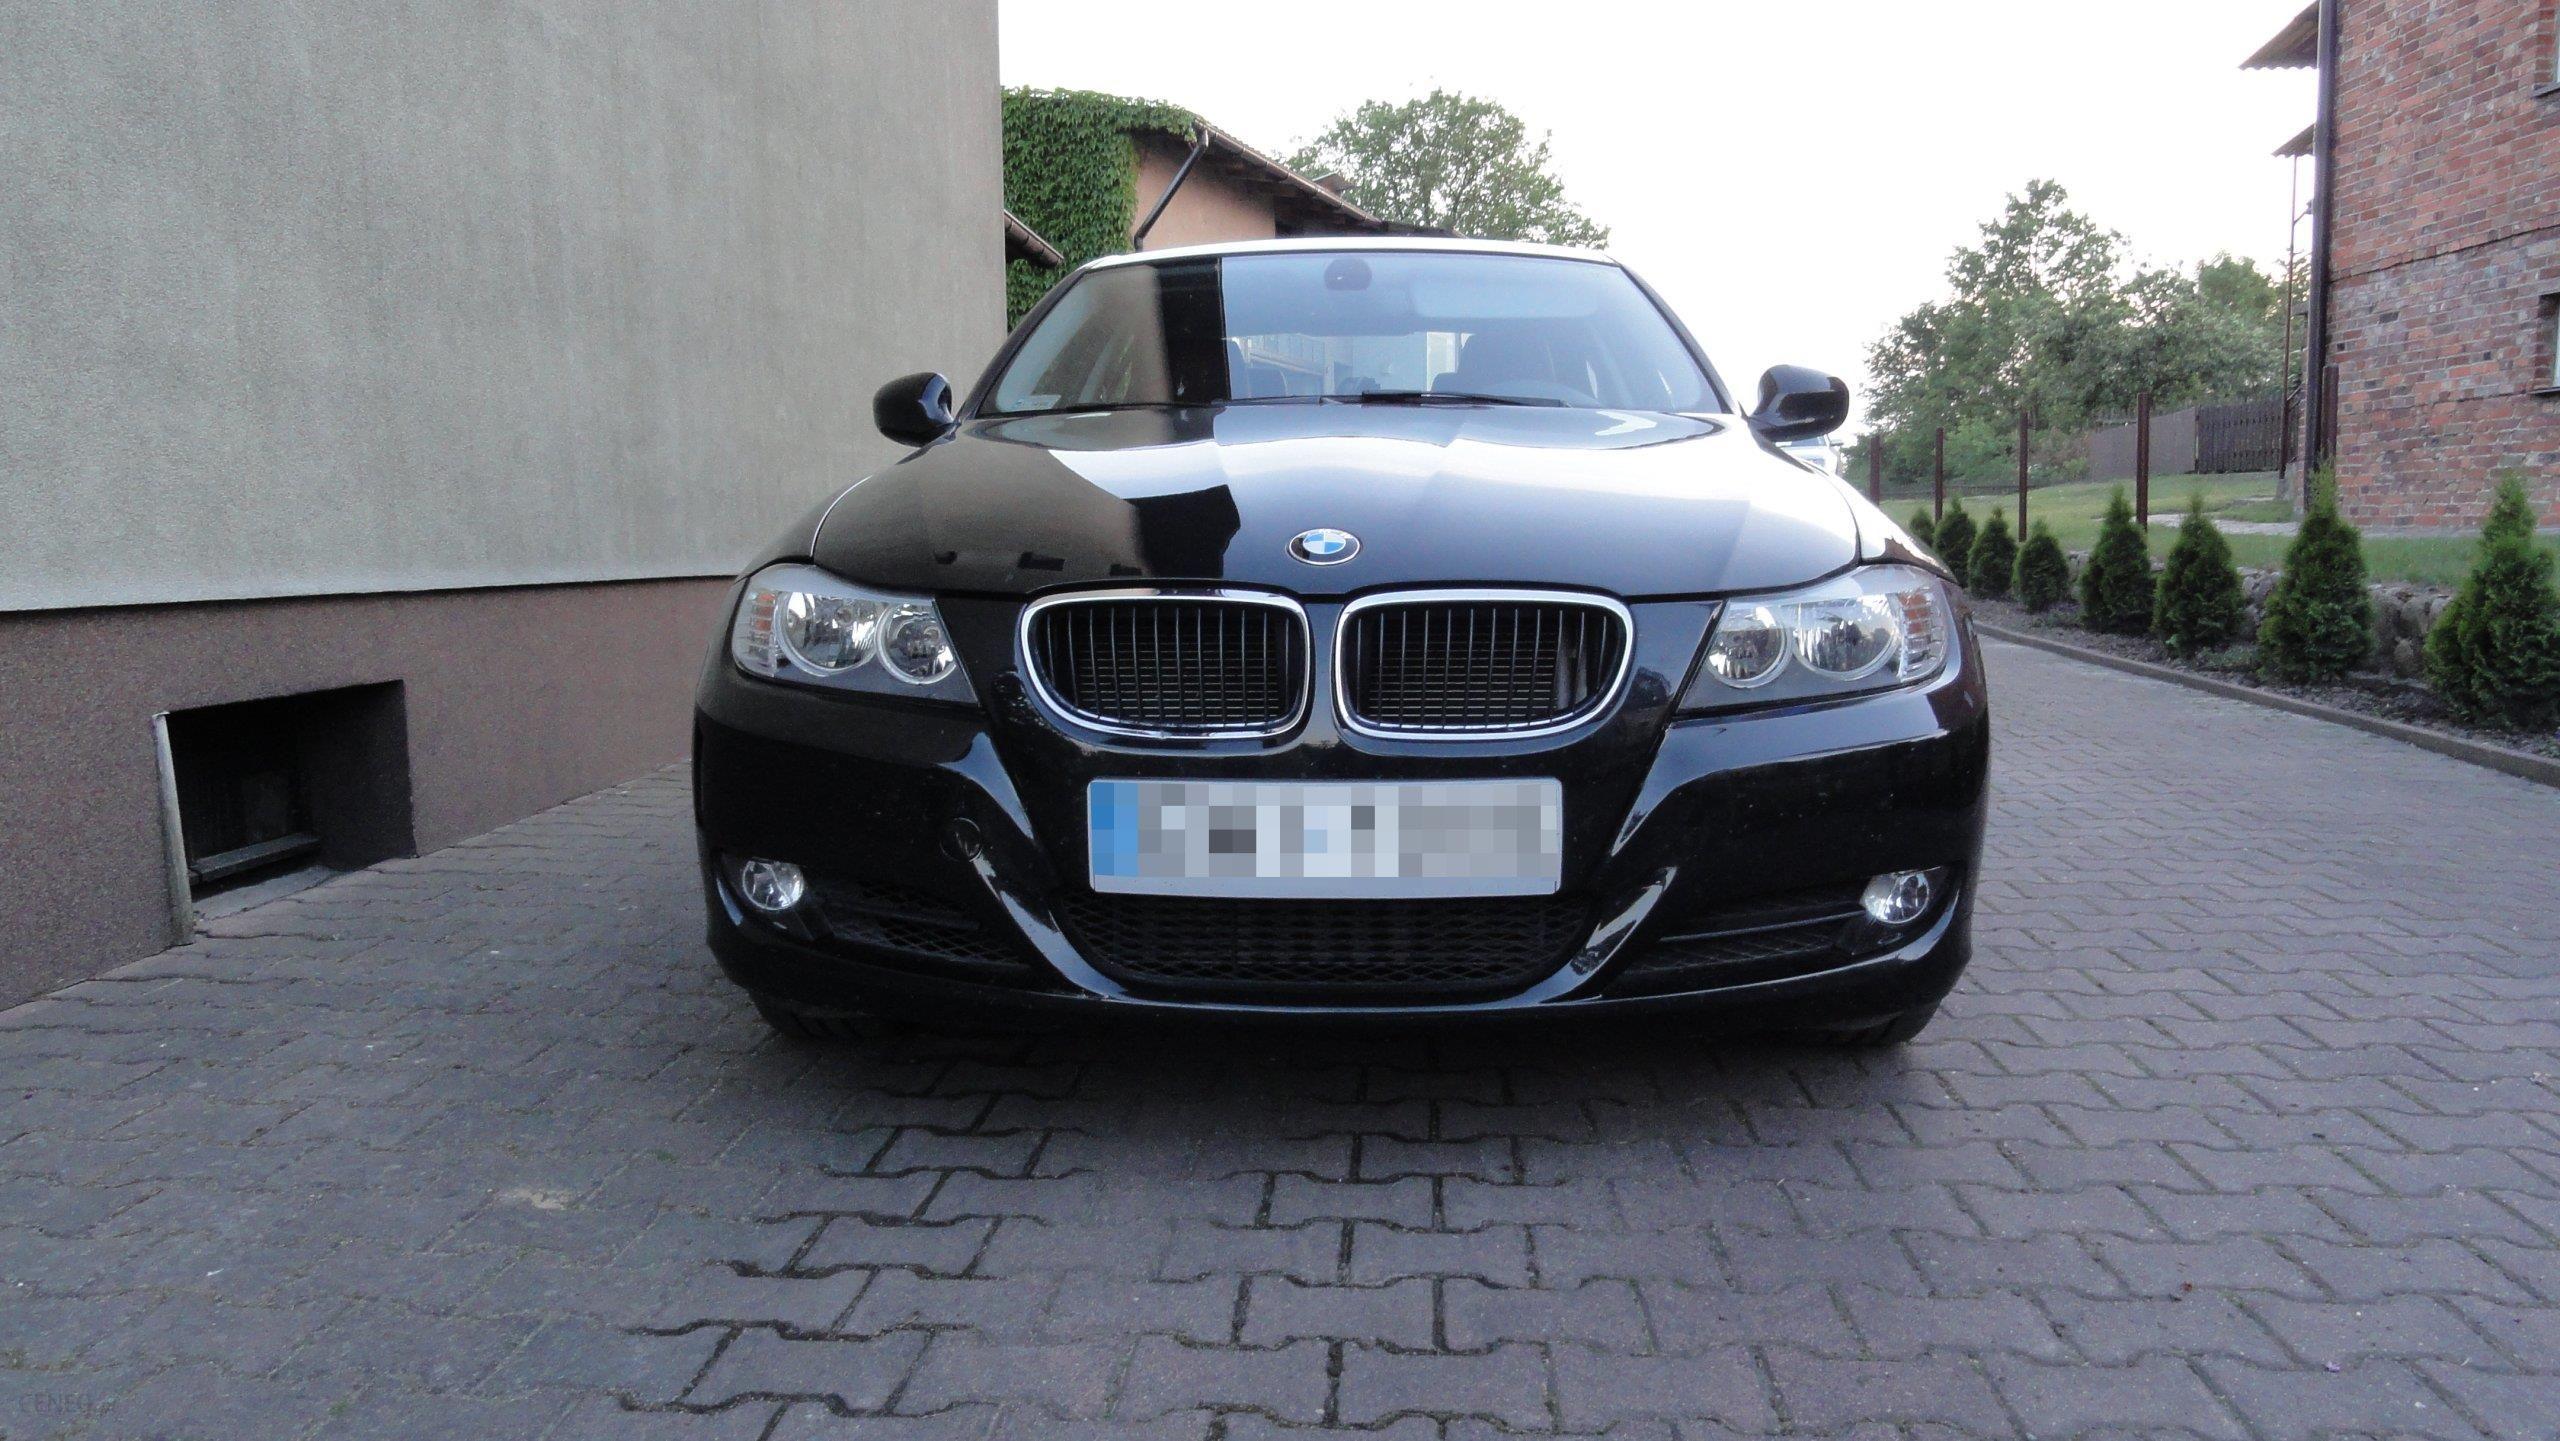 Bmw E90 20d Wersja Berline Skóra Przebieg 61000 Opinie I Ceny Na